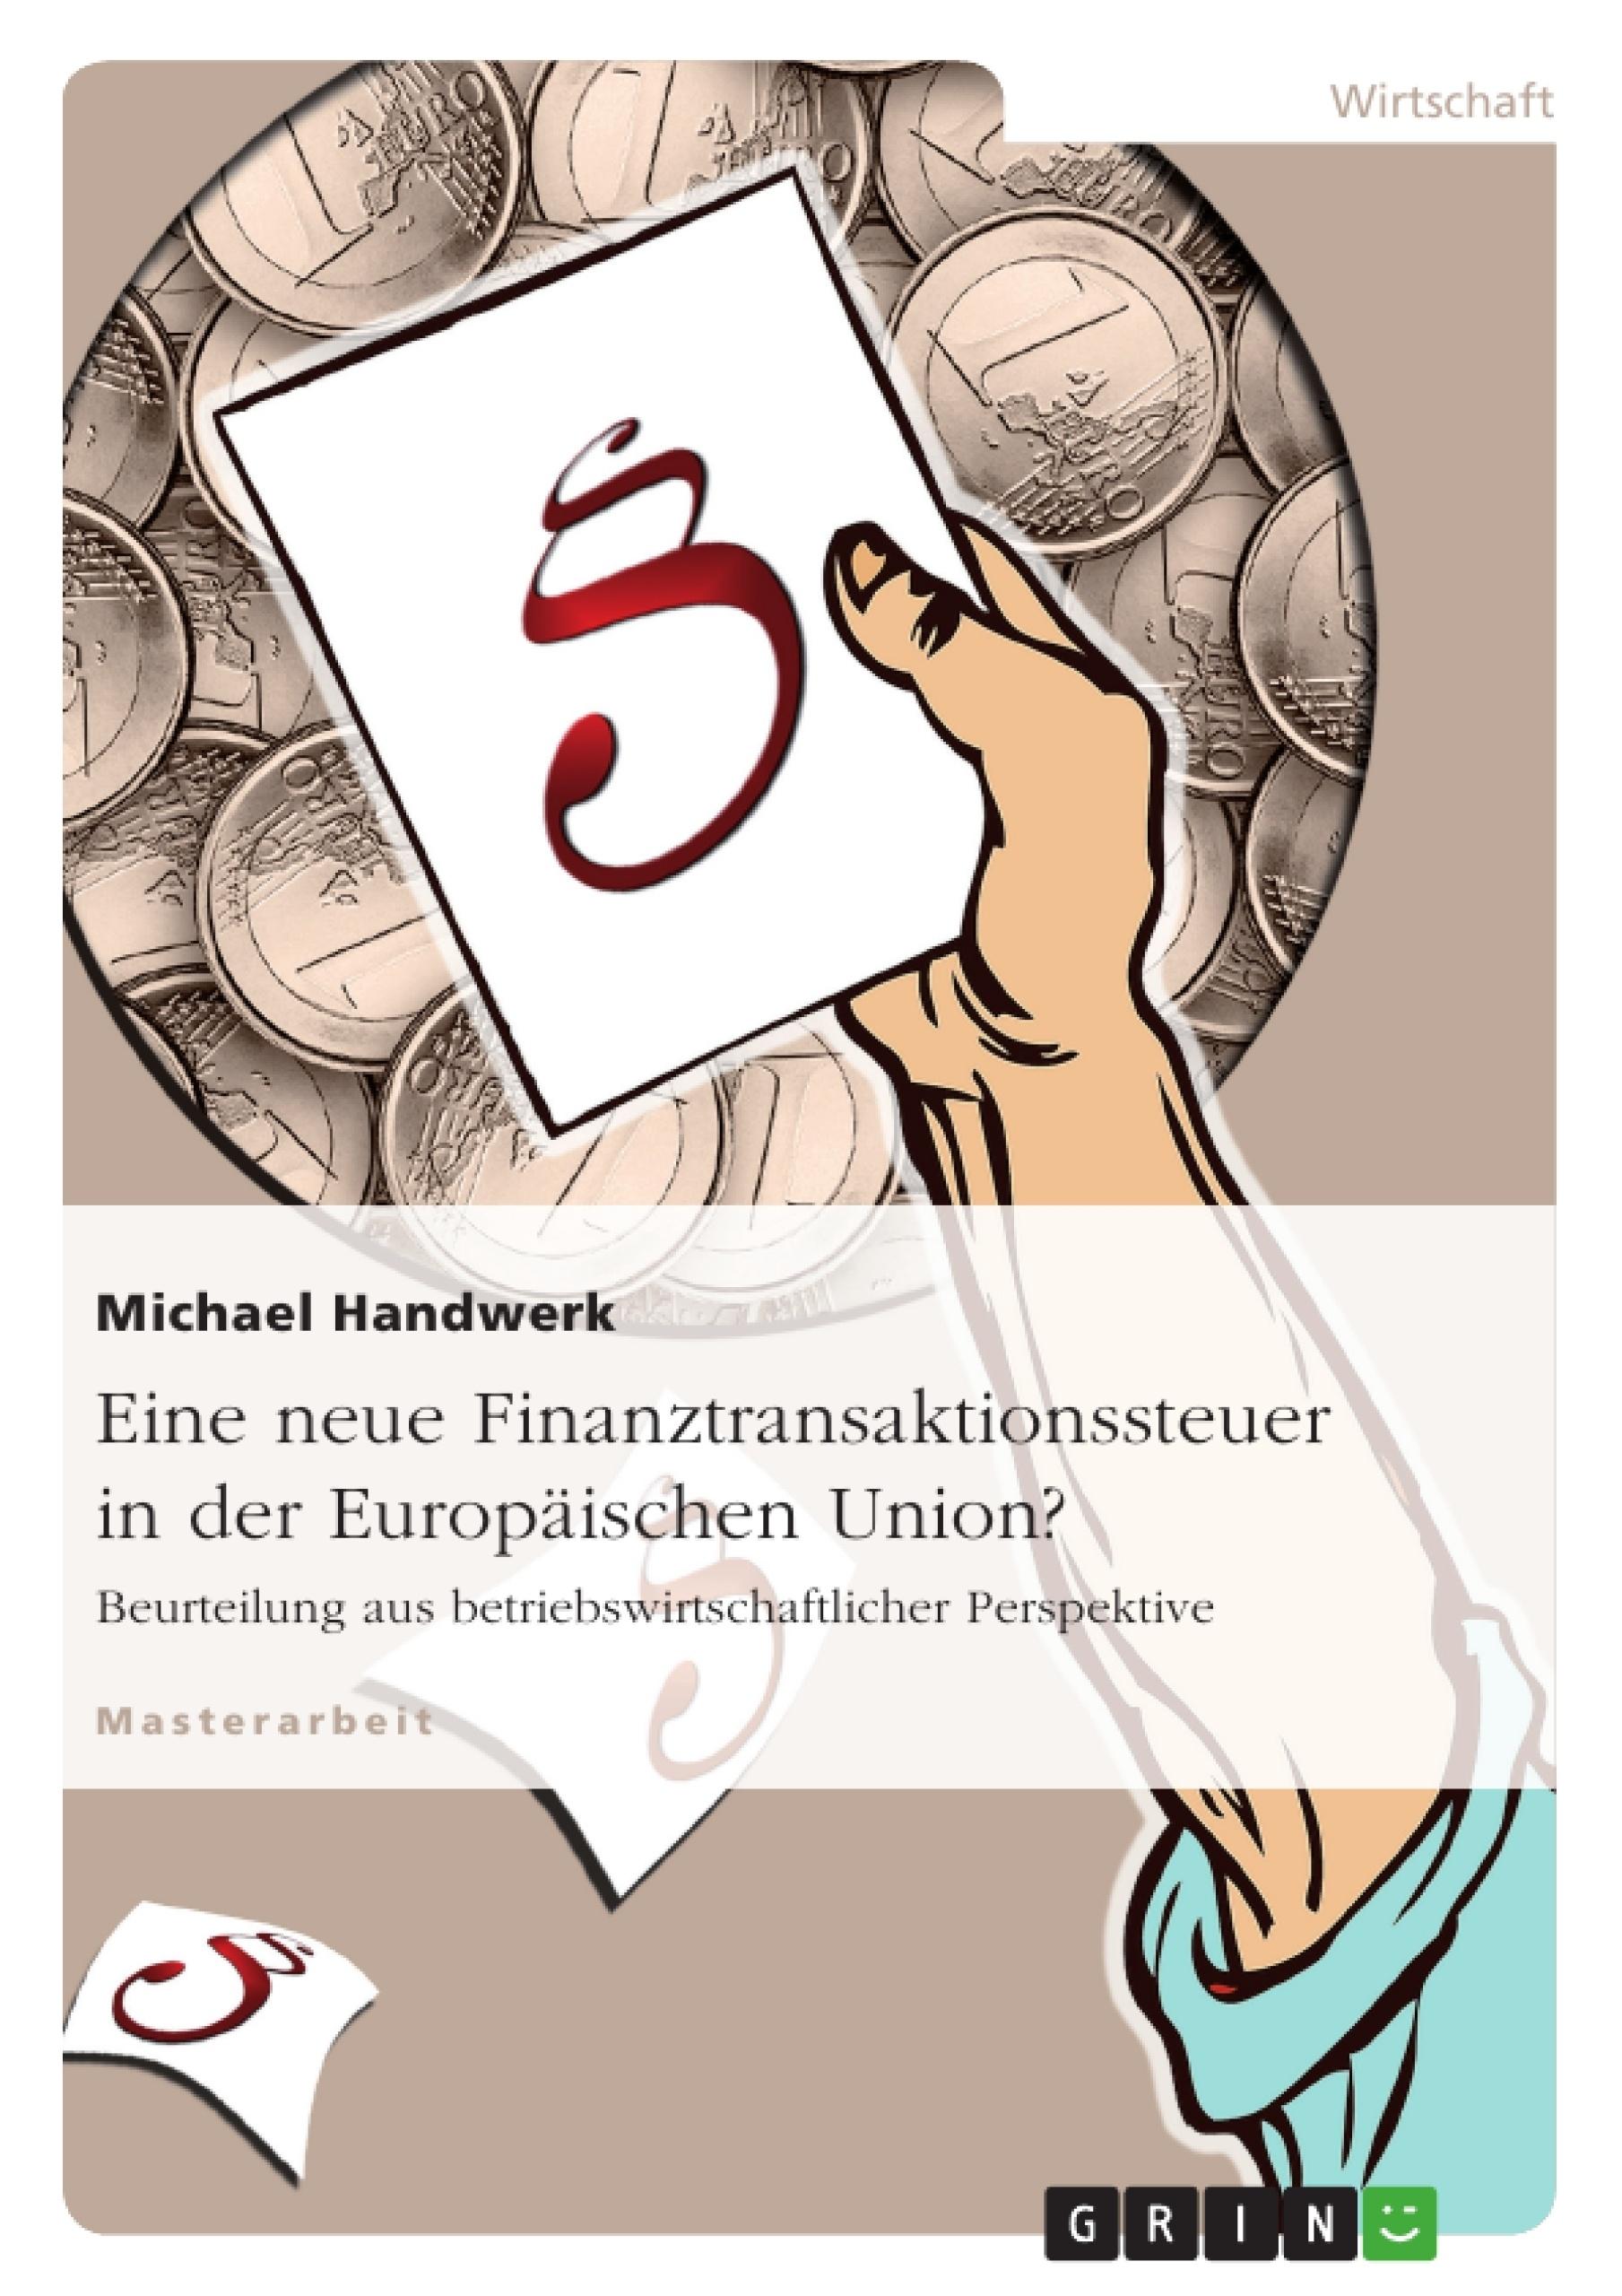 Titel: Eine neue Finanztransaktionssteuer  in der Europäischen Union?